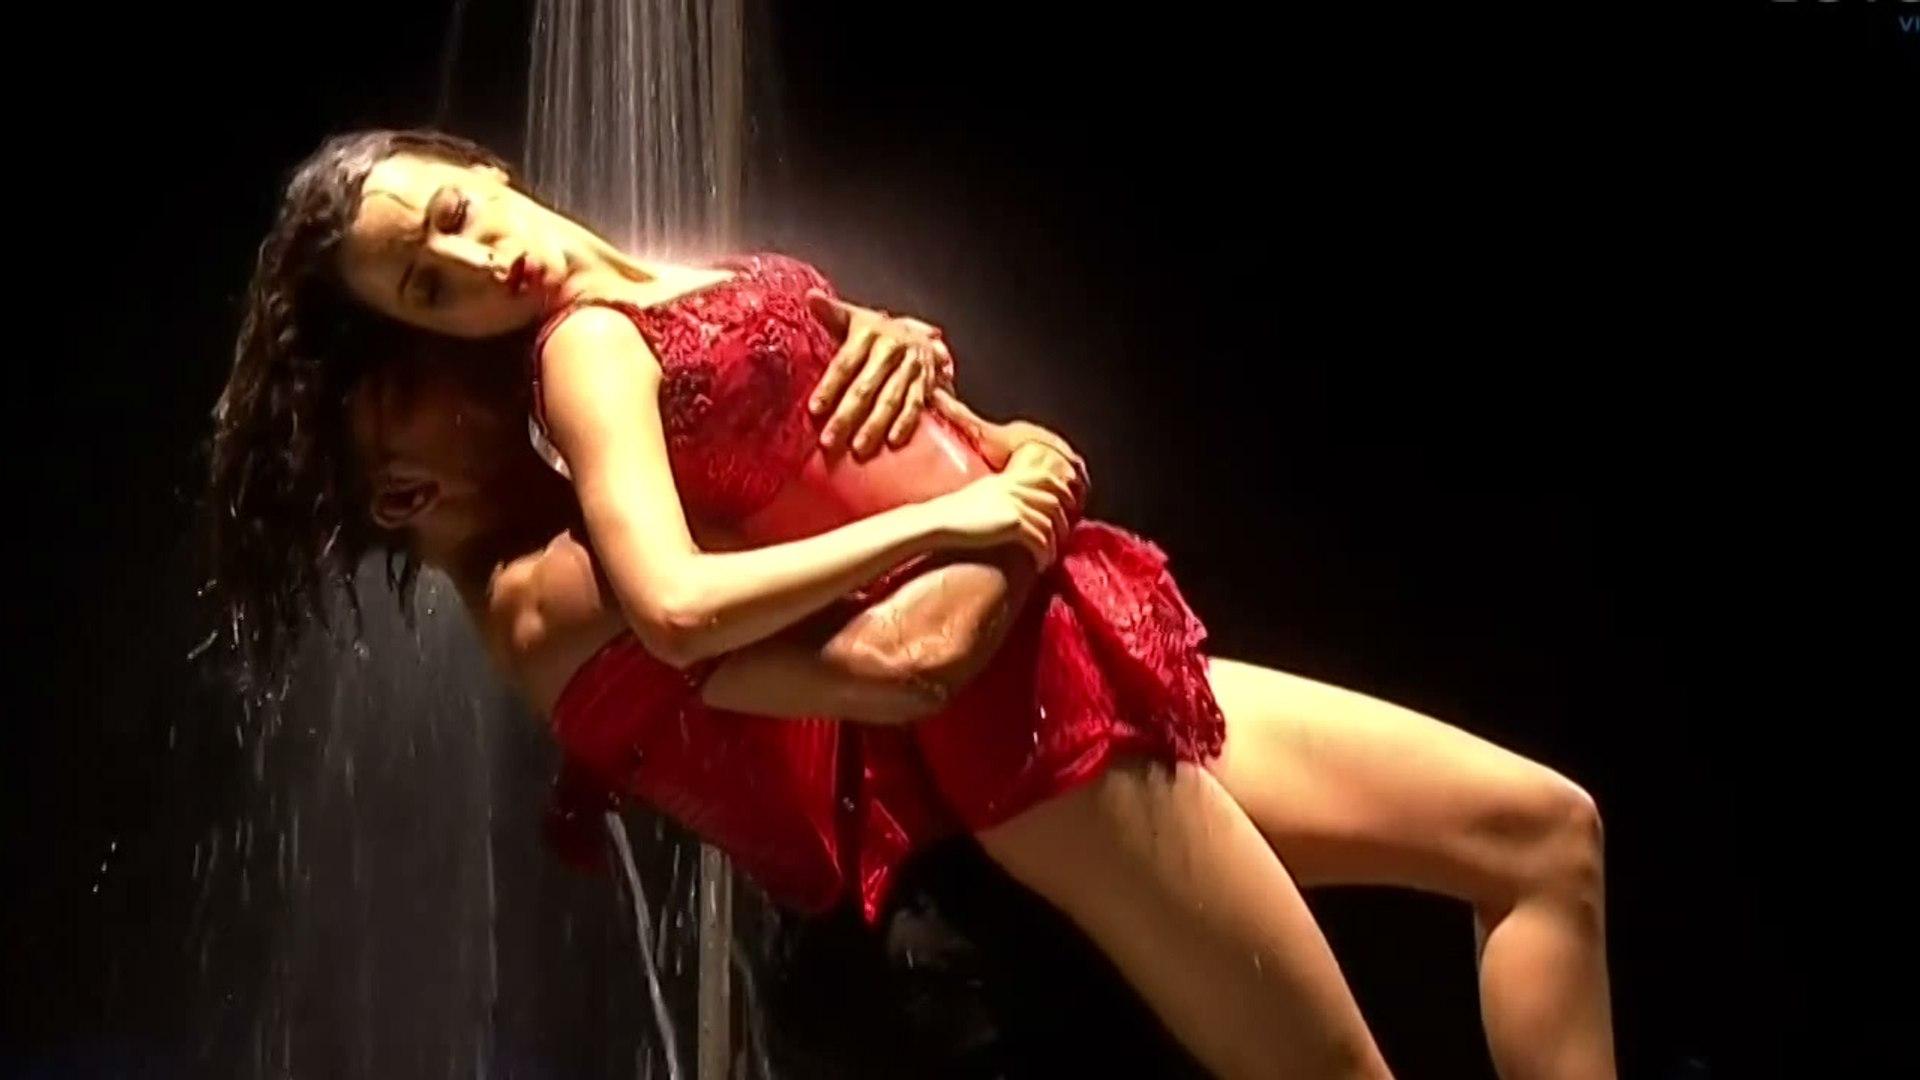 Sanaya Irani Hot Performance on Jhalakh Dikhhla Jaa HD - video Dailymotion